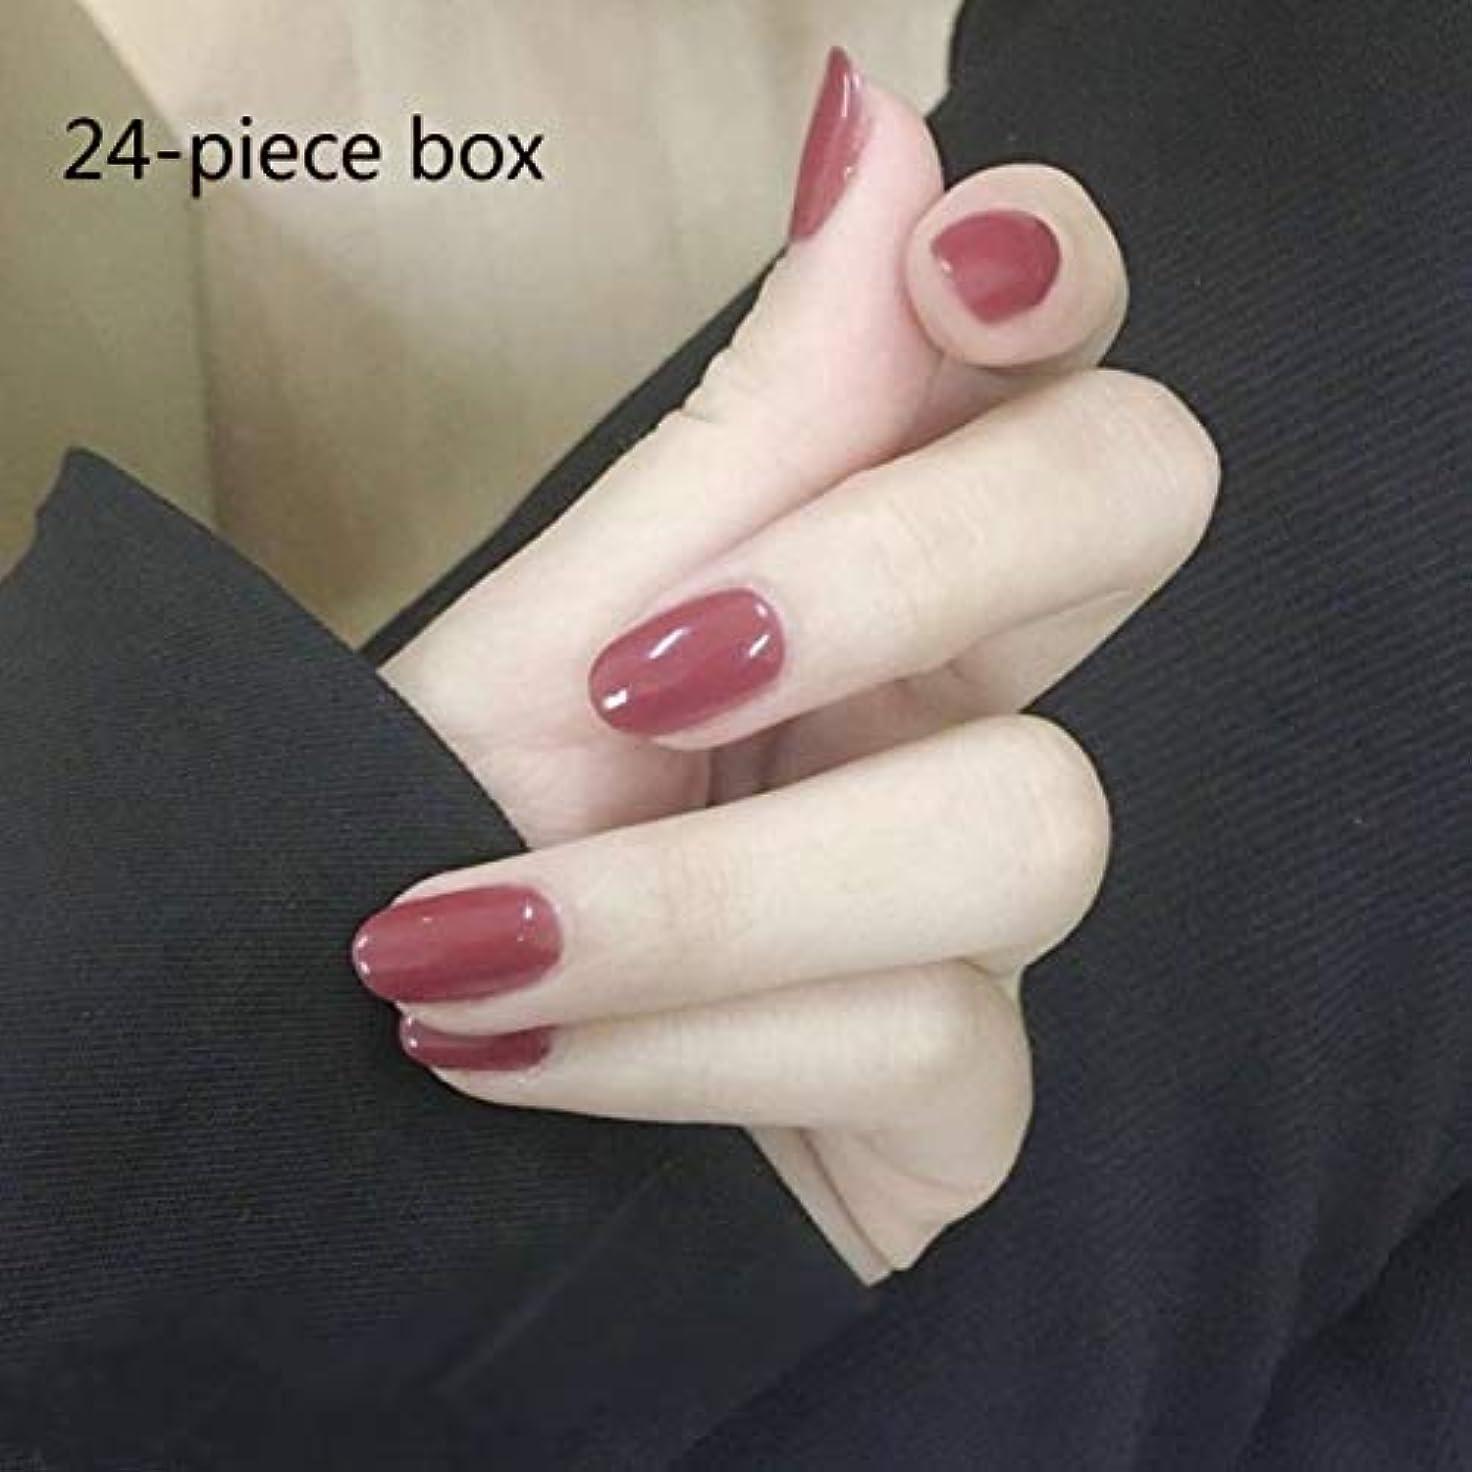 類推スイングメッシュIntercoreyミディアムレングススタイルソリッドピュアカラーフェイクネイルアートデコレーションファッショナブルなデザインフルカバー偽爪のヒント